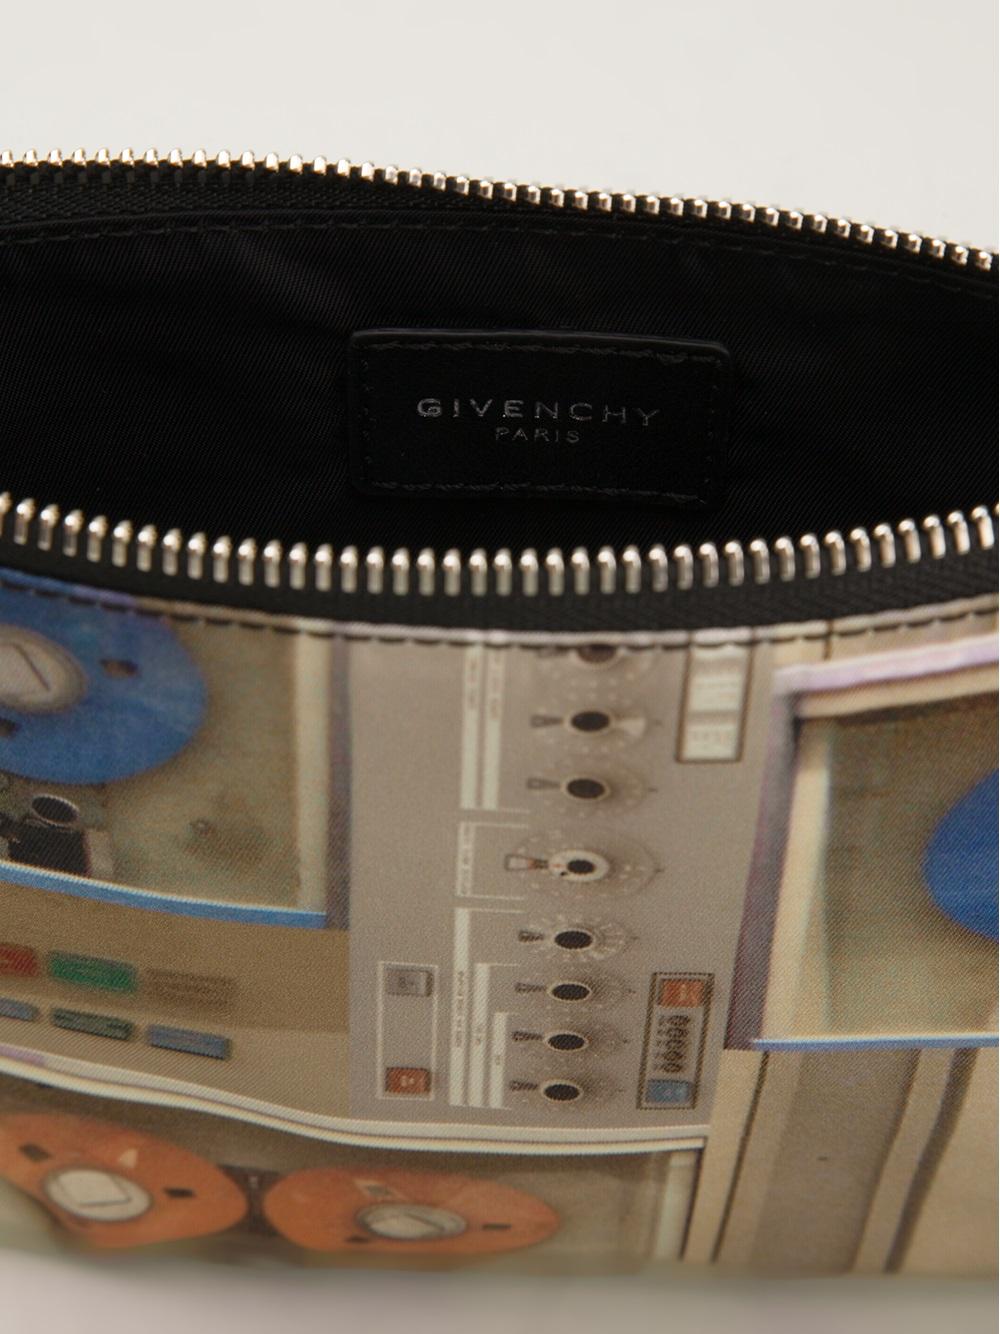 10614477_3065887_1000 Сумки Живанши Givenchy интернет-магазин